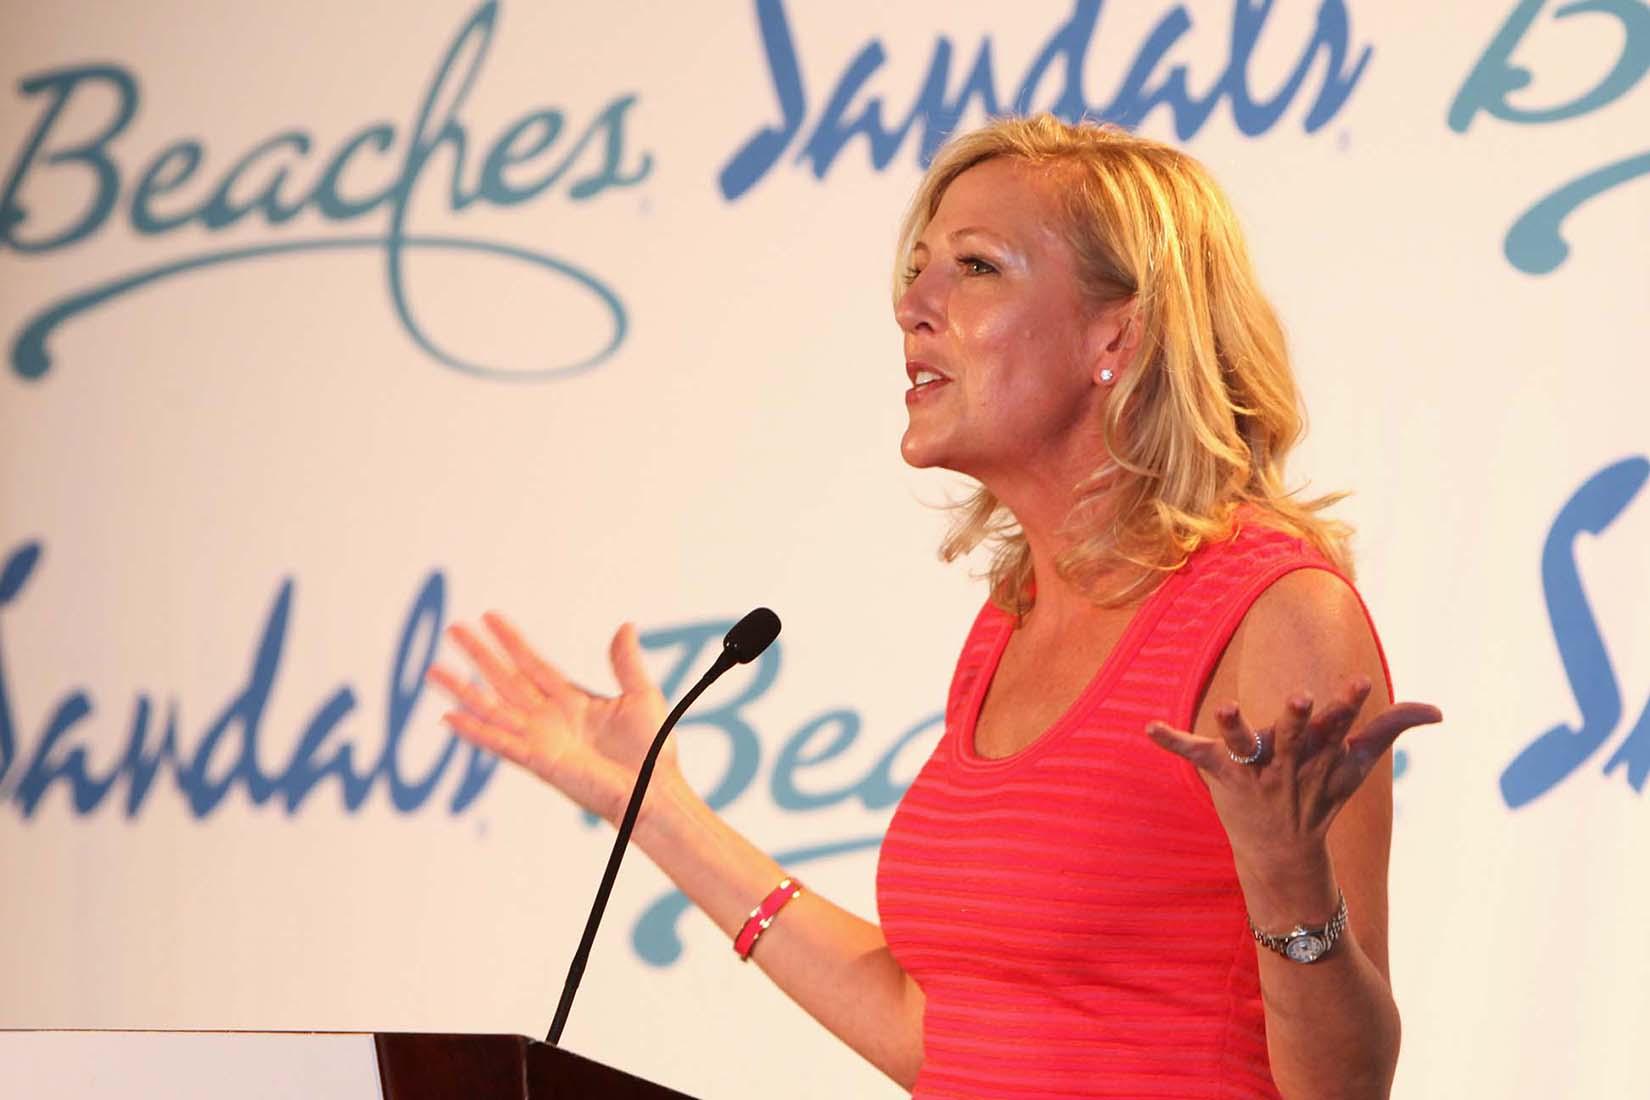 sandal female speaker addressing the attendees